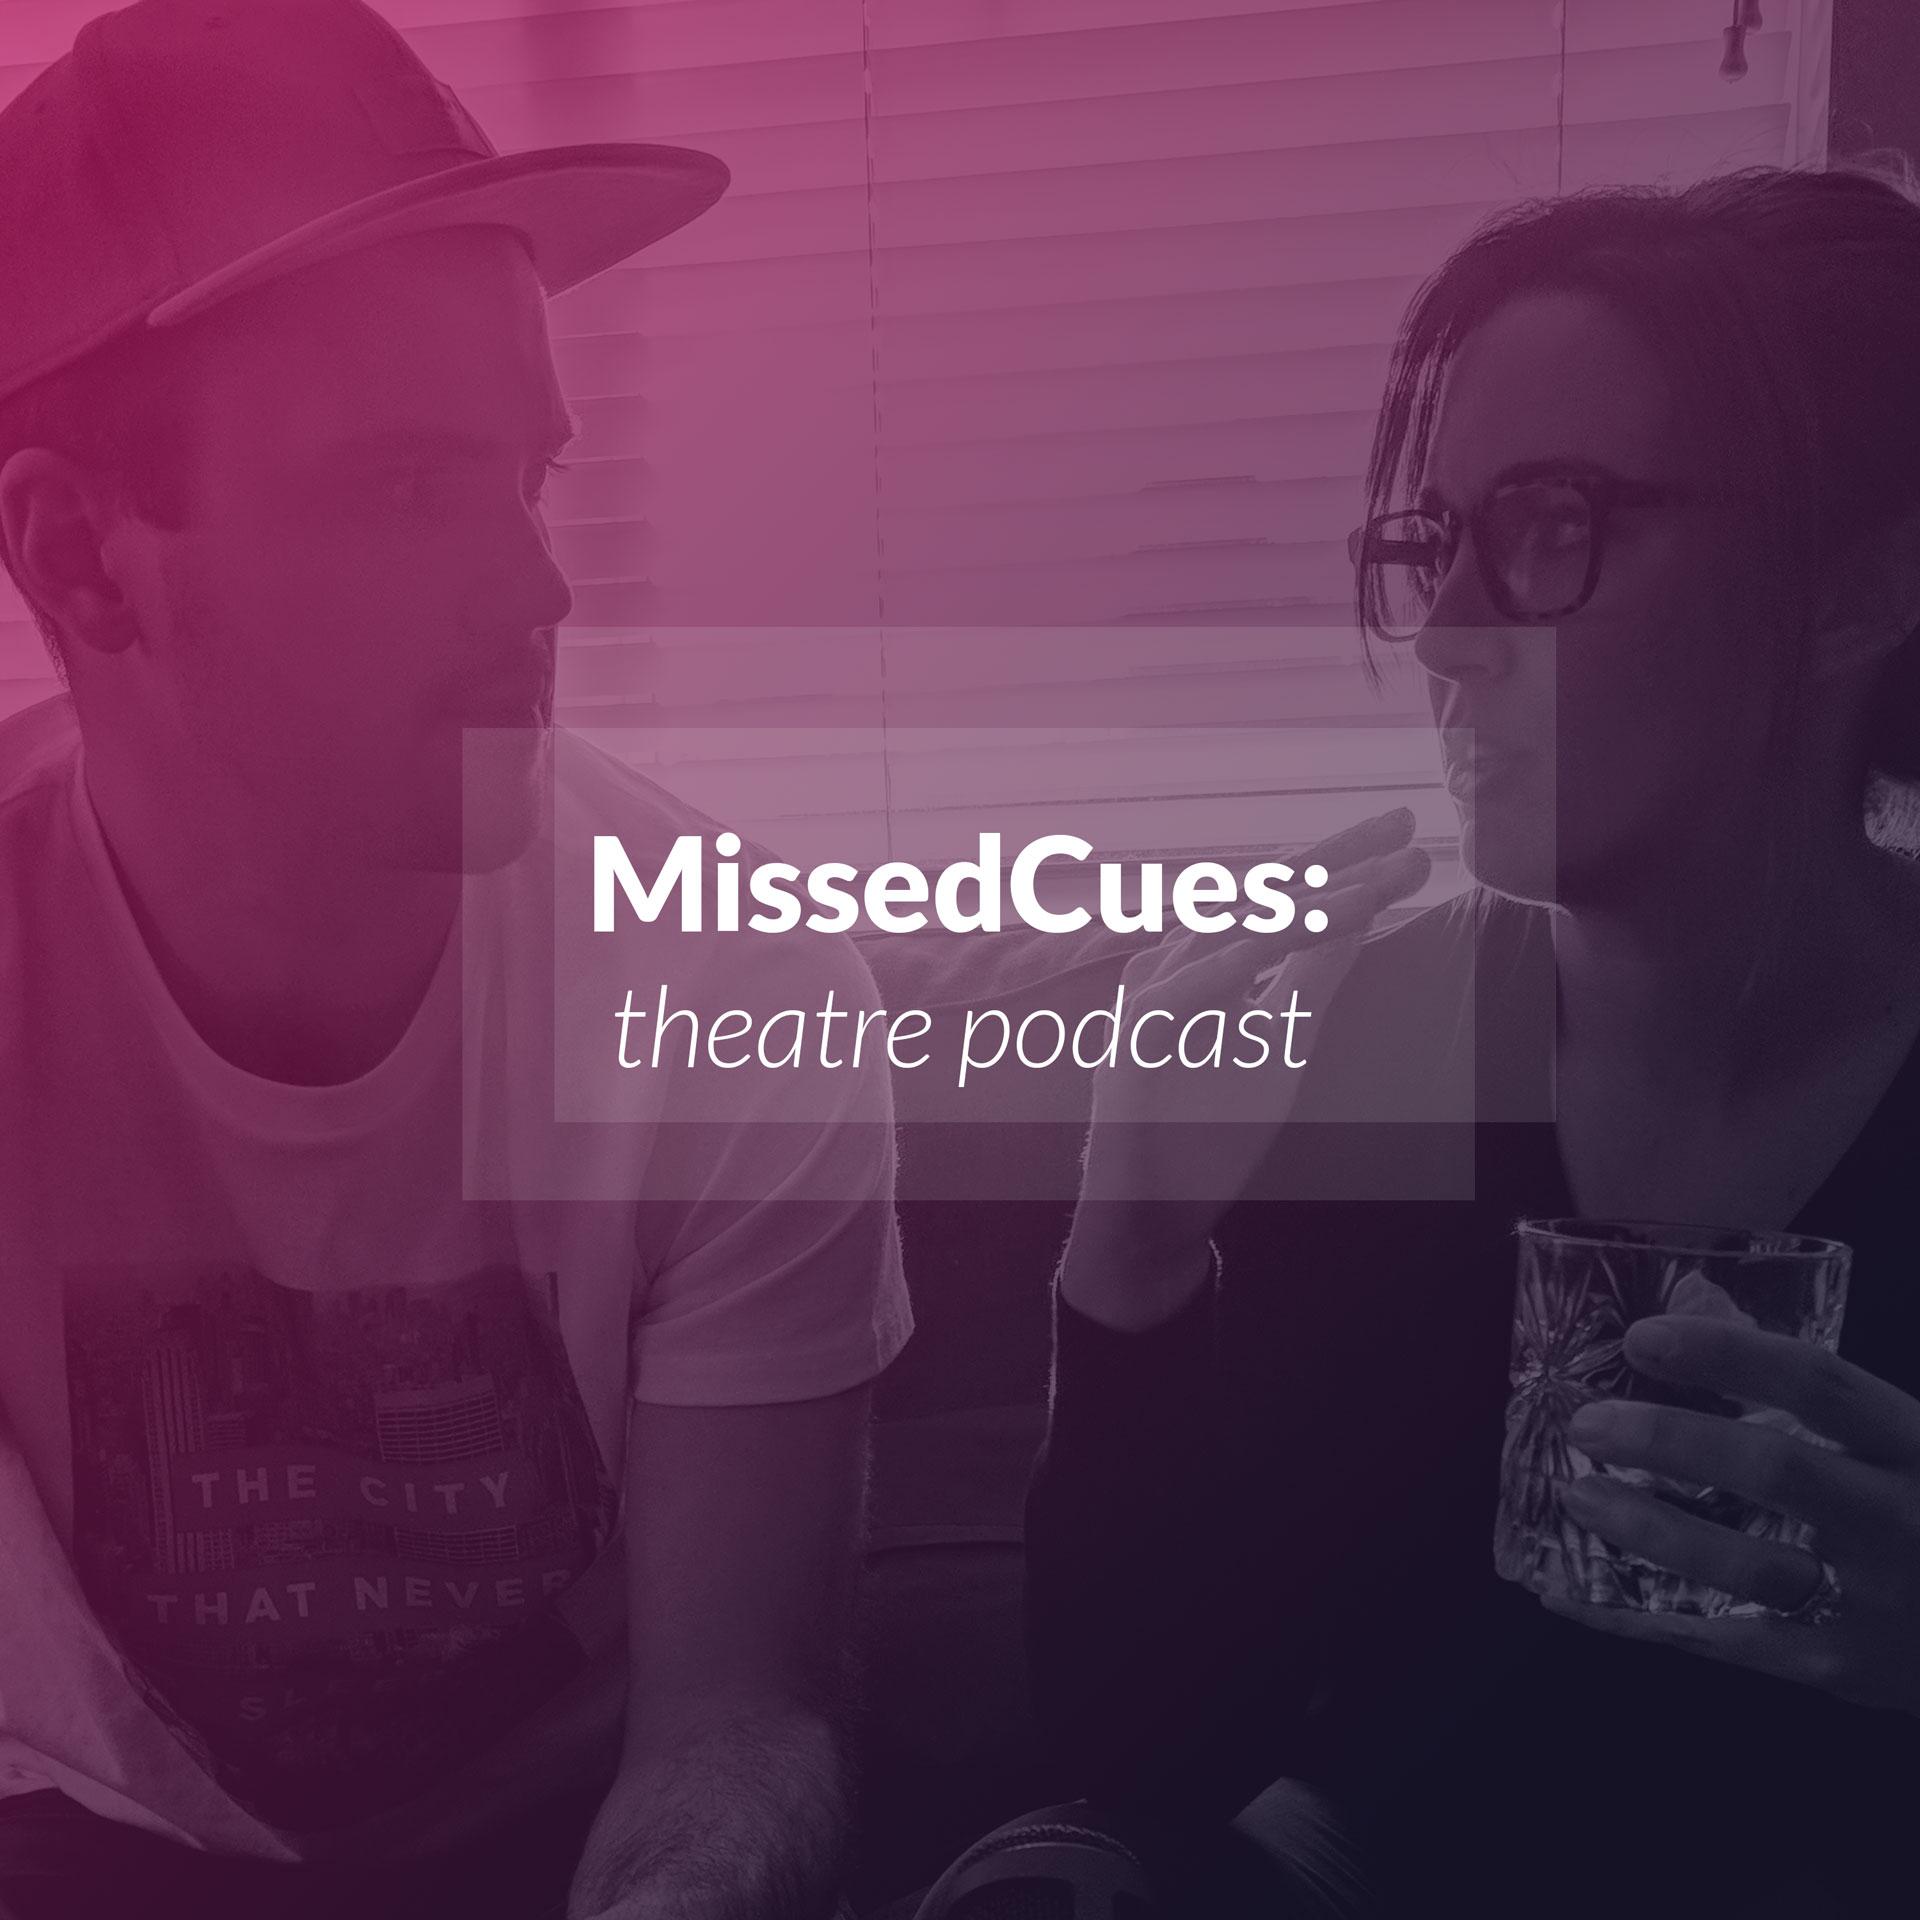 Missed-Cues-Episode-Artwork-Spotlights.jpg